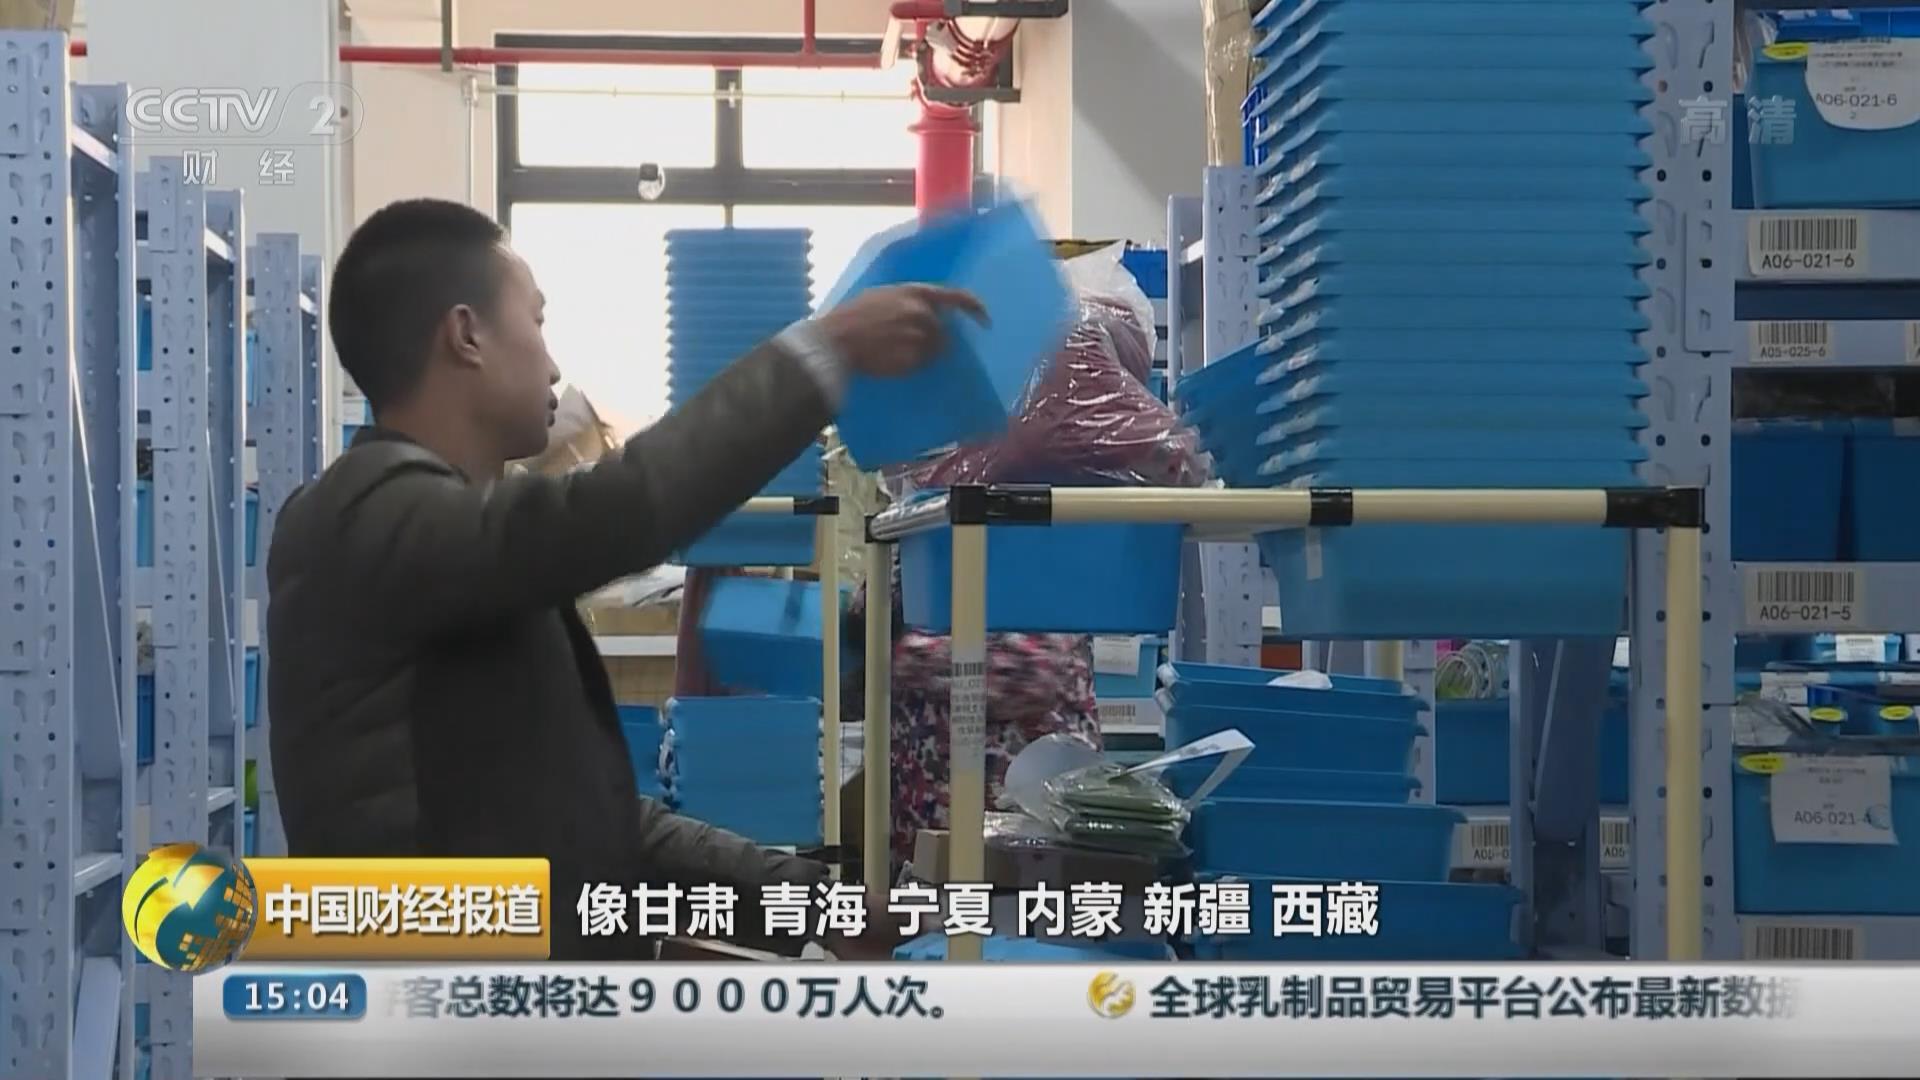 浙江:節前快遞迎來小高峰 價格略有上漲